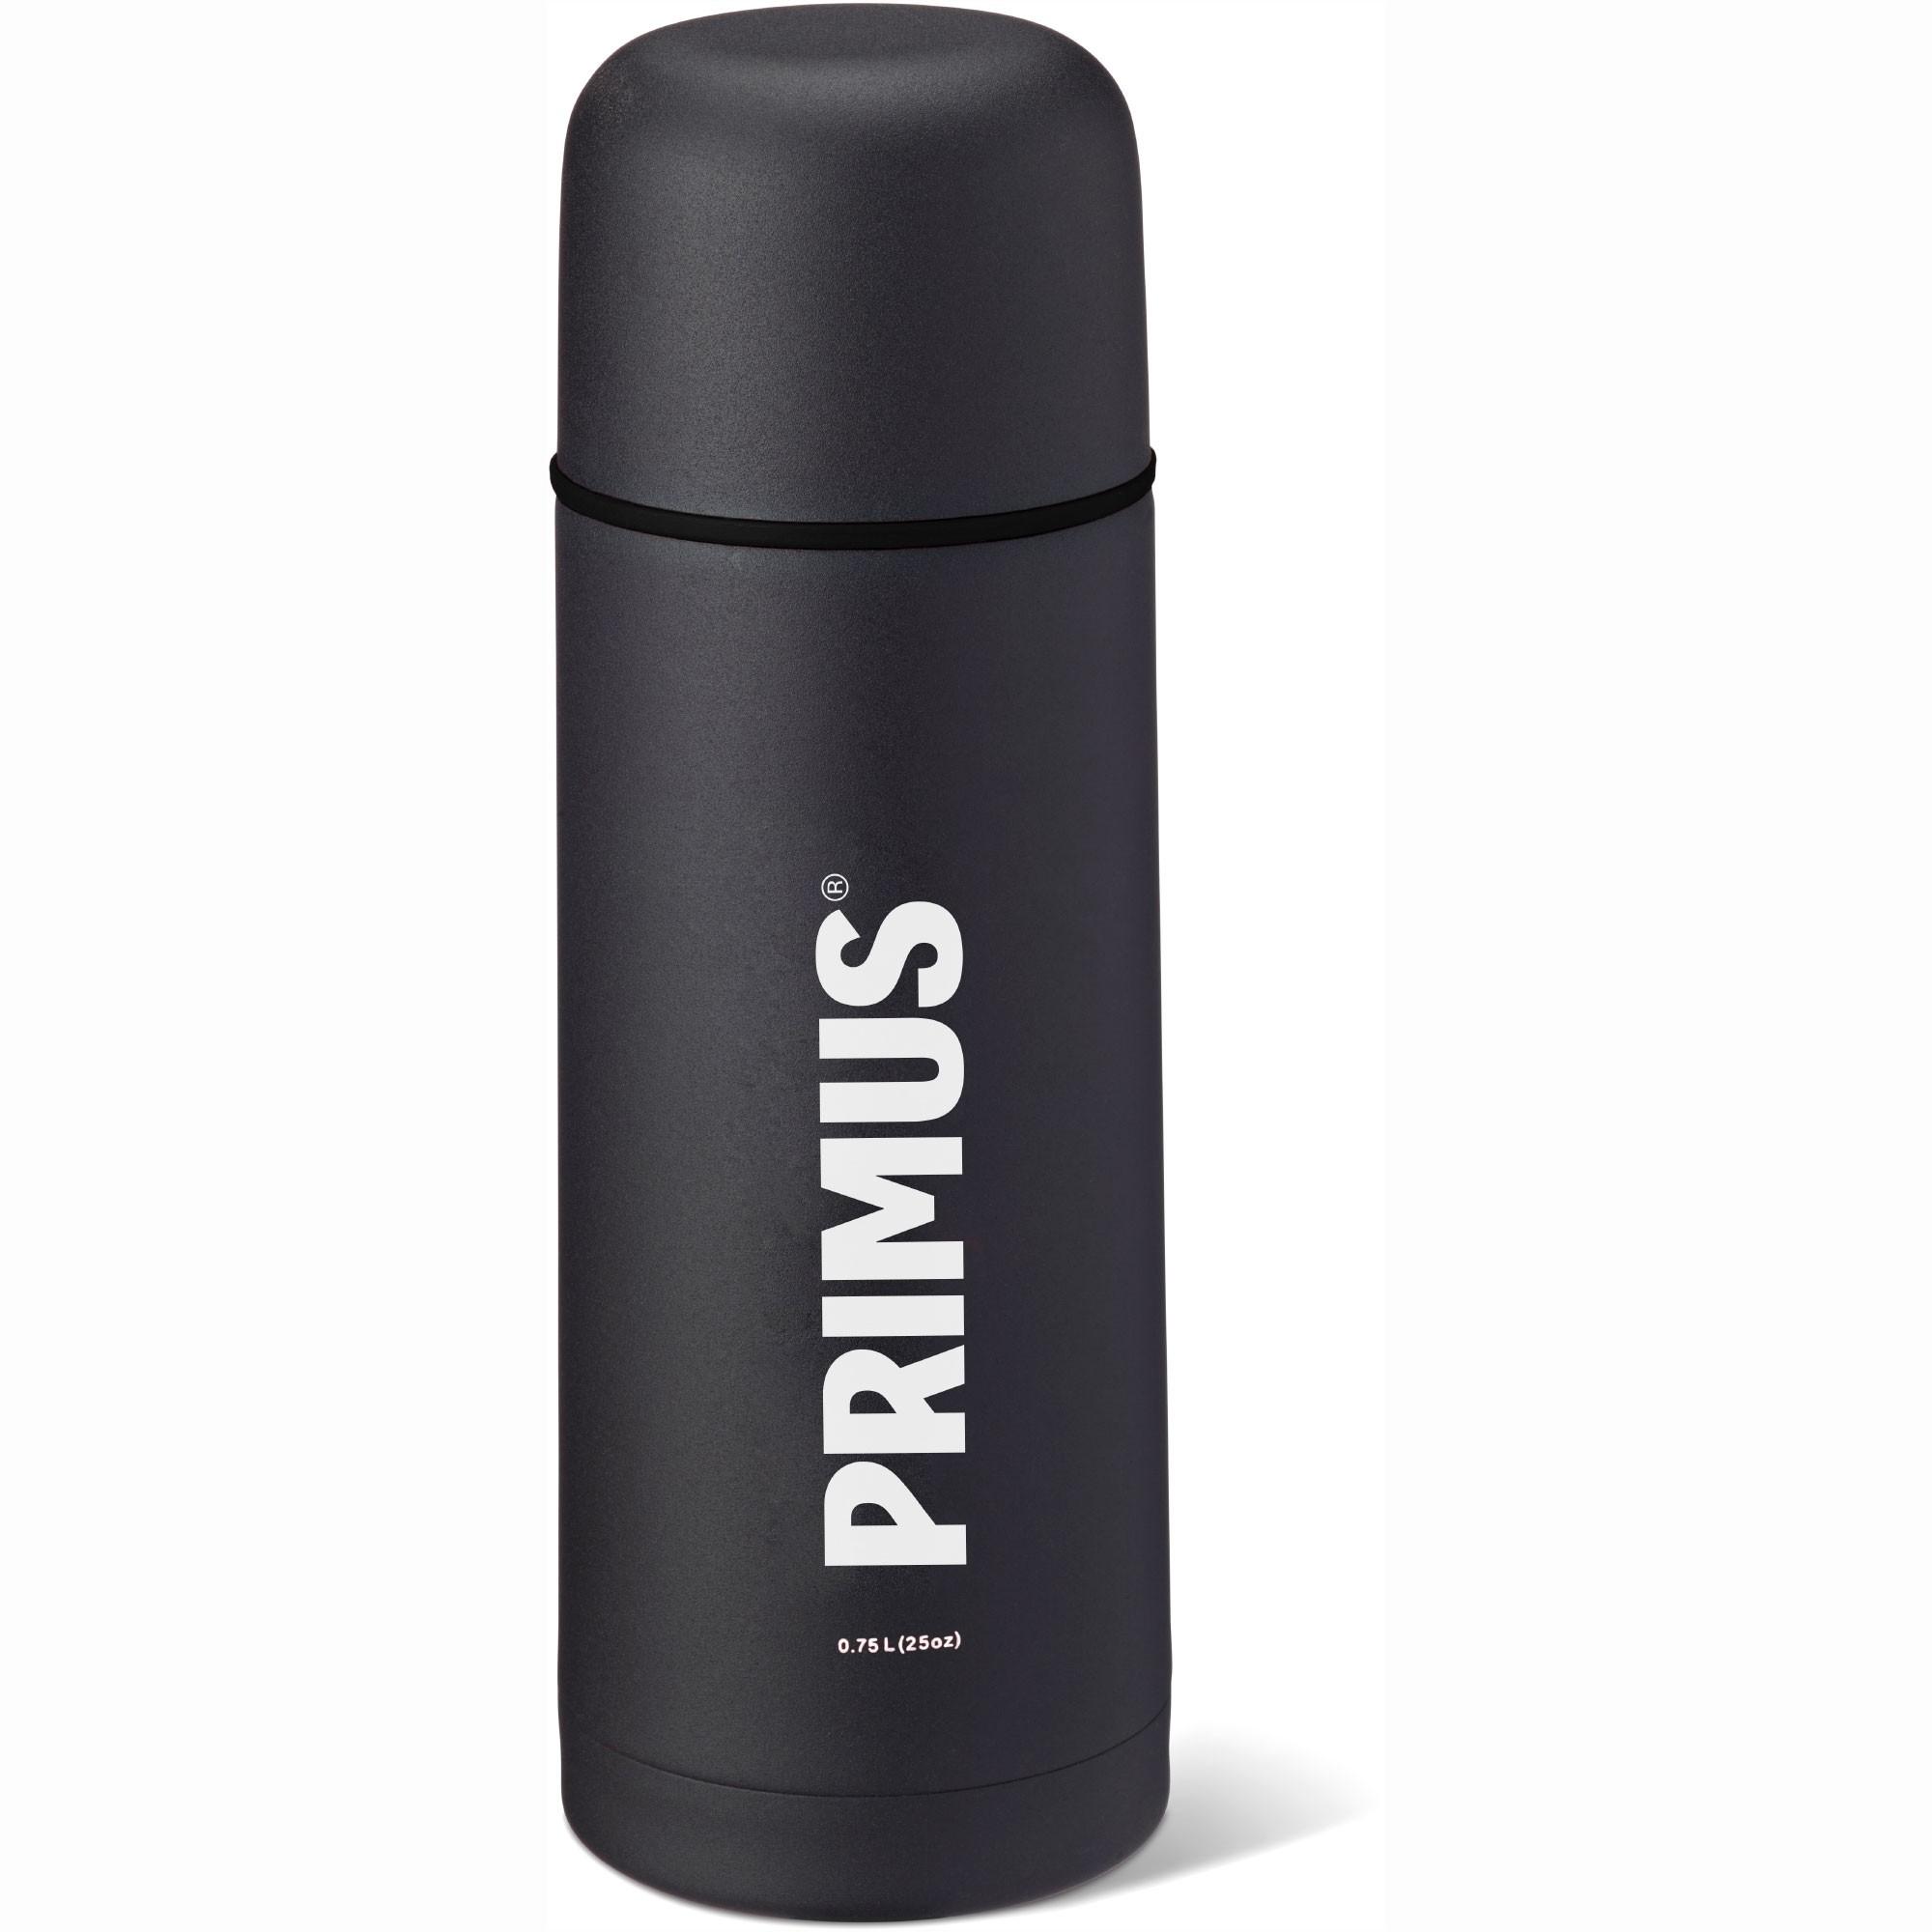 Primus Vacuum Bottle 0.5L - Black